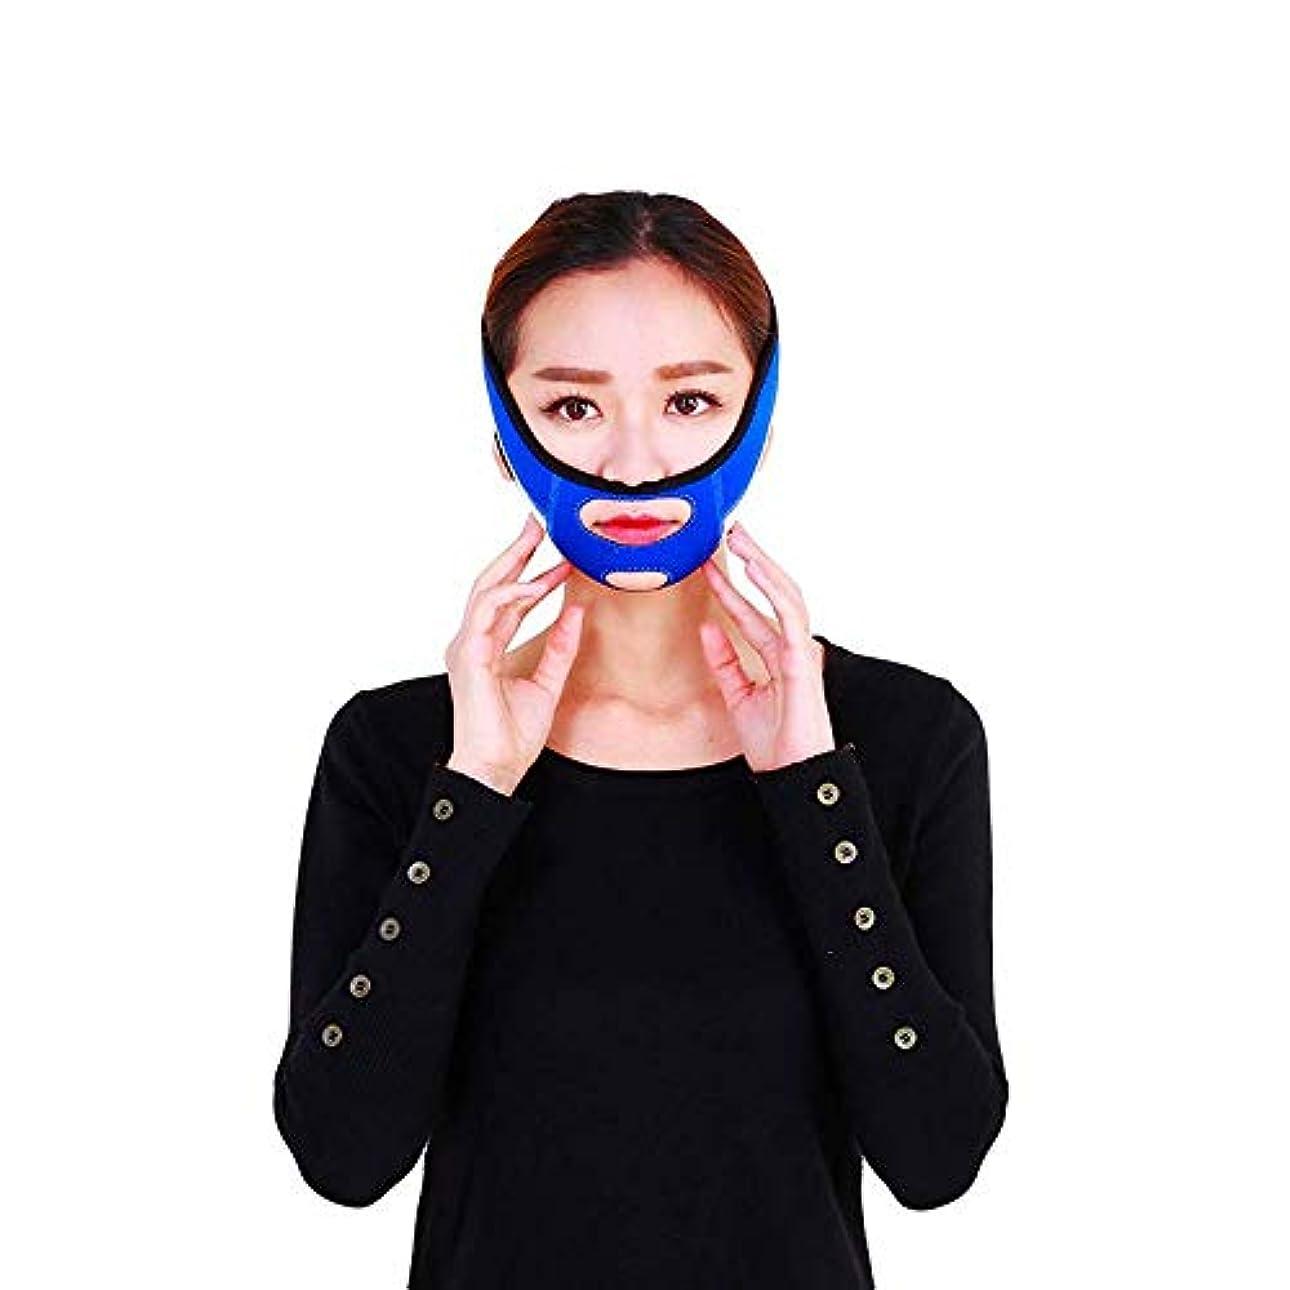 インポート動物園抱擁二重顎顔面矯正ツールであるフェースシェイプドマスクVfaceアーチファクトを強力に強化する包帯